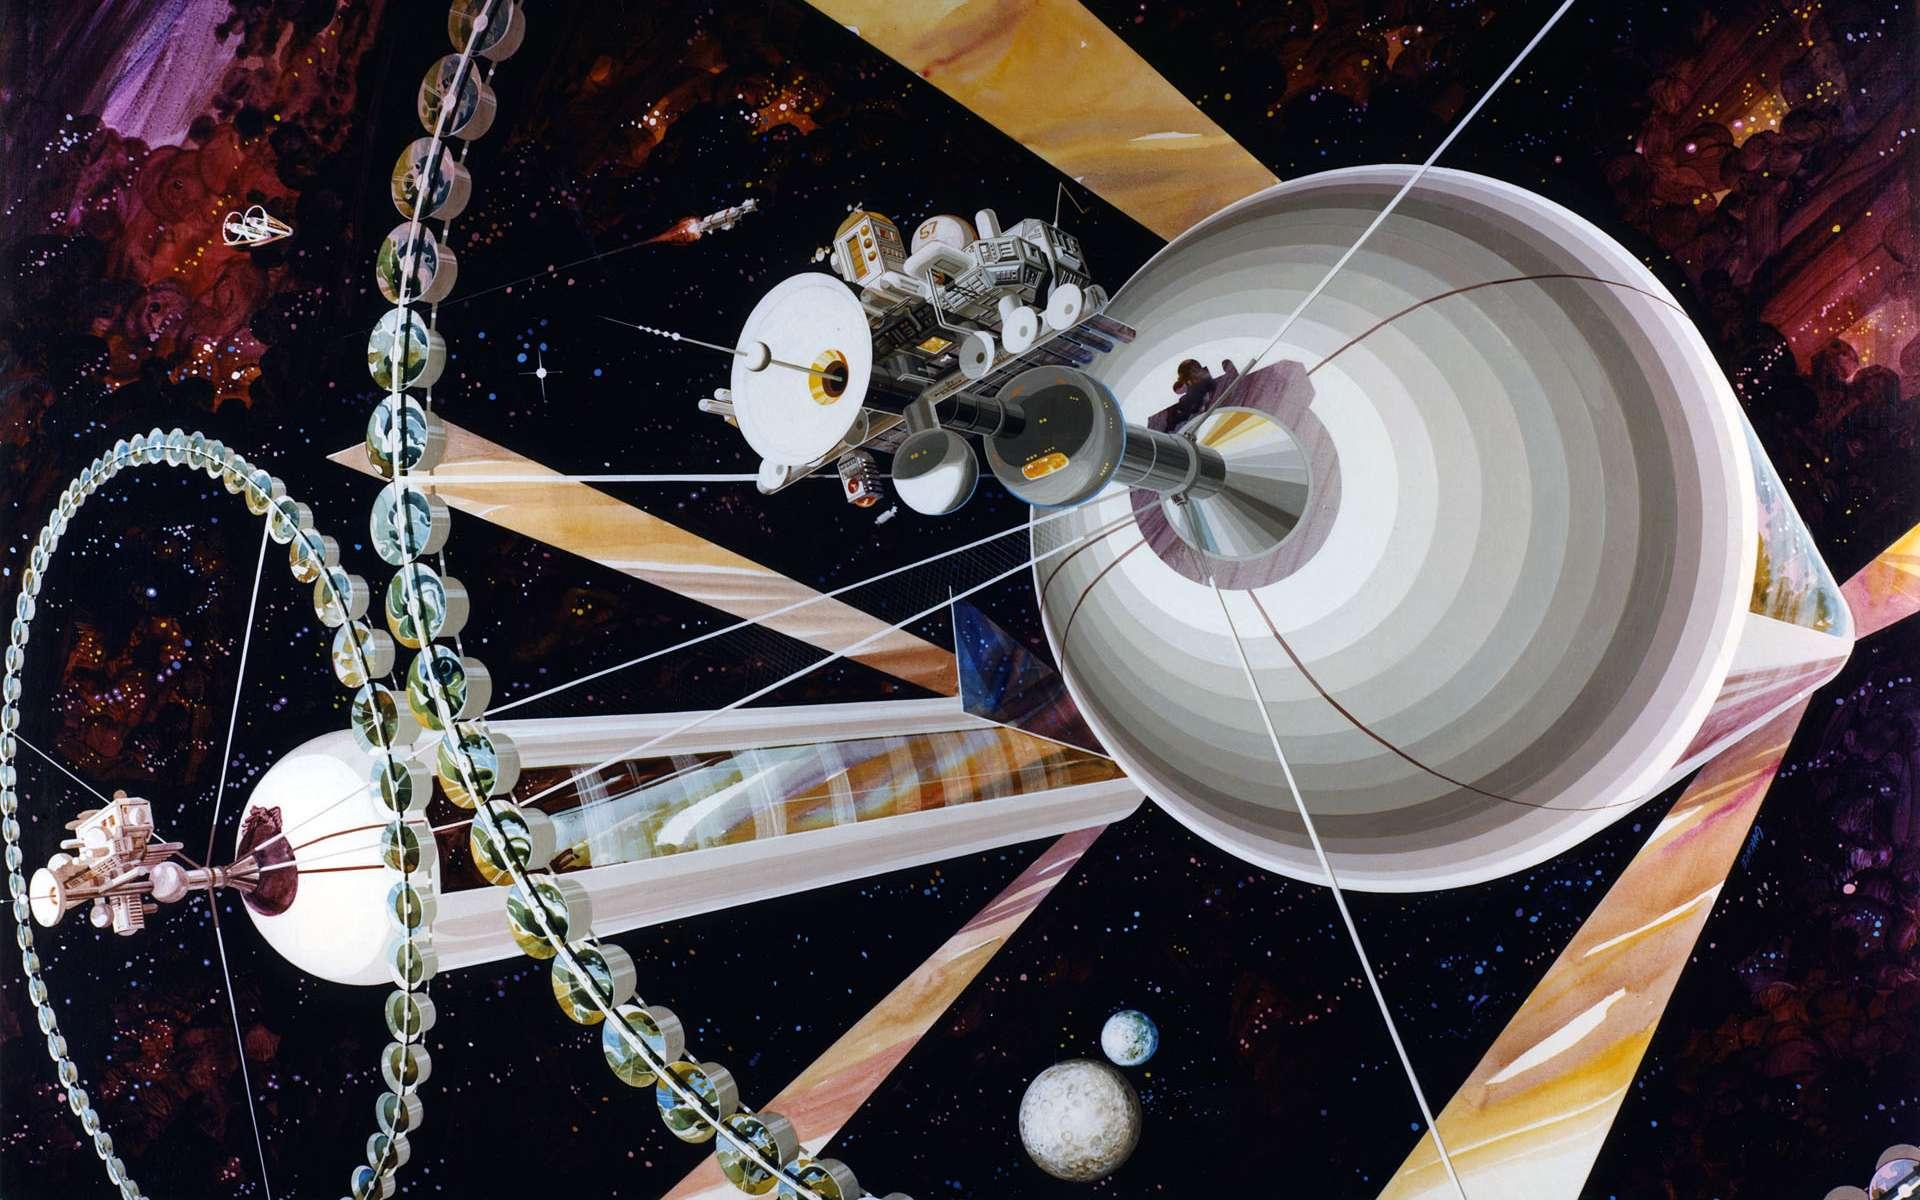 Les colonies spatiales du physicien Gerard O'Neill, comme celle visible sur ce dessin d'artiste, pourraient sans doute être construites en quelques décennies seulement grâce à des machines de von Neumann. © Rick Guidice